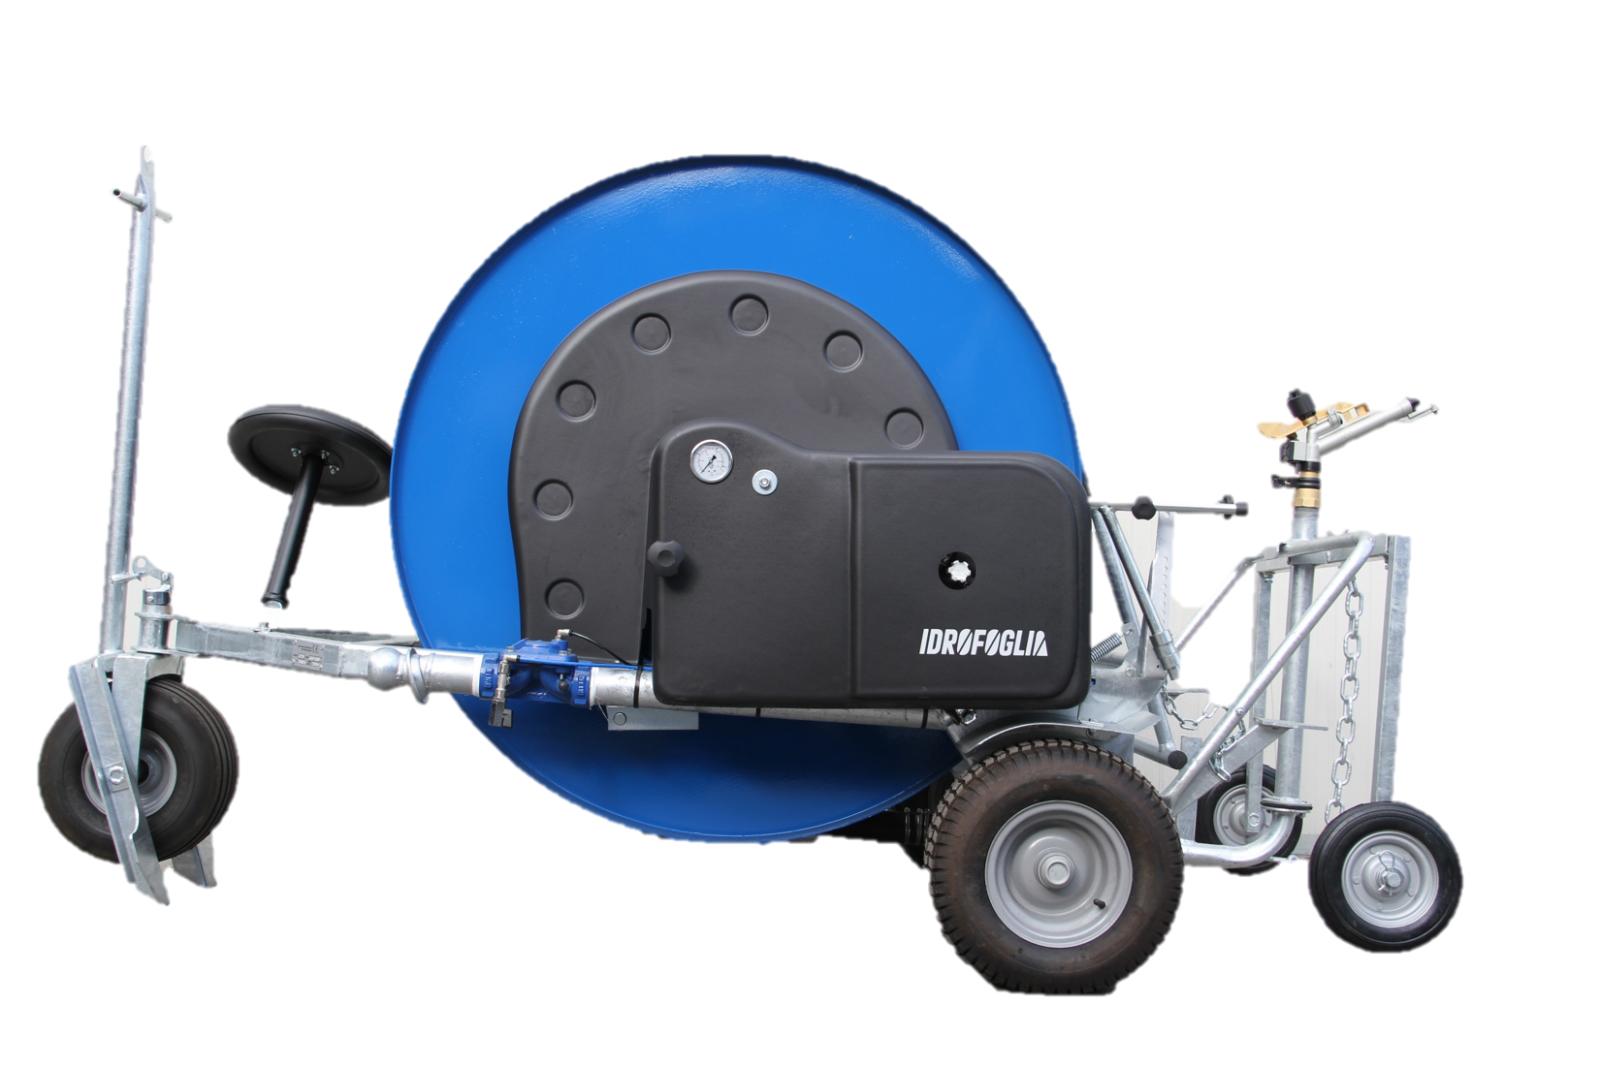 Idrofoglia J2D Turf Travelers Irrigation Equipment